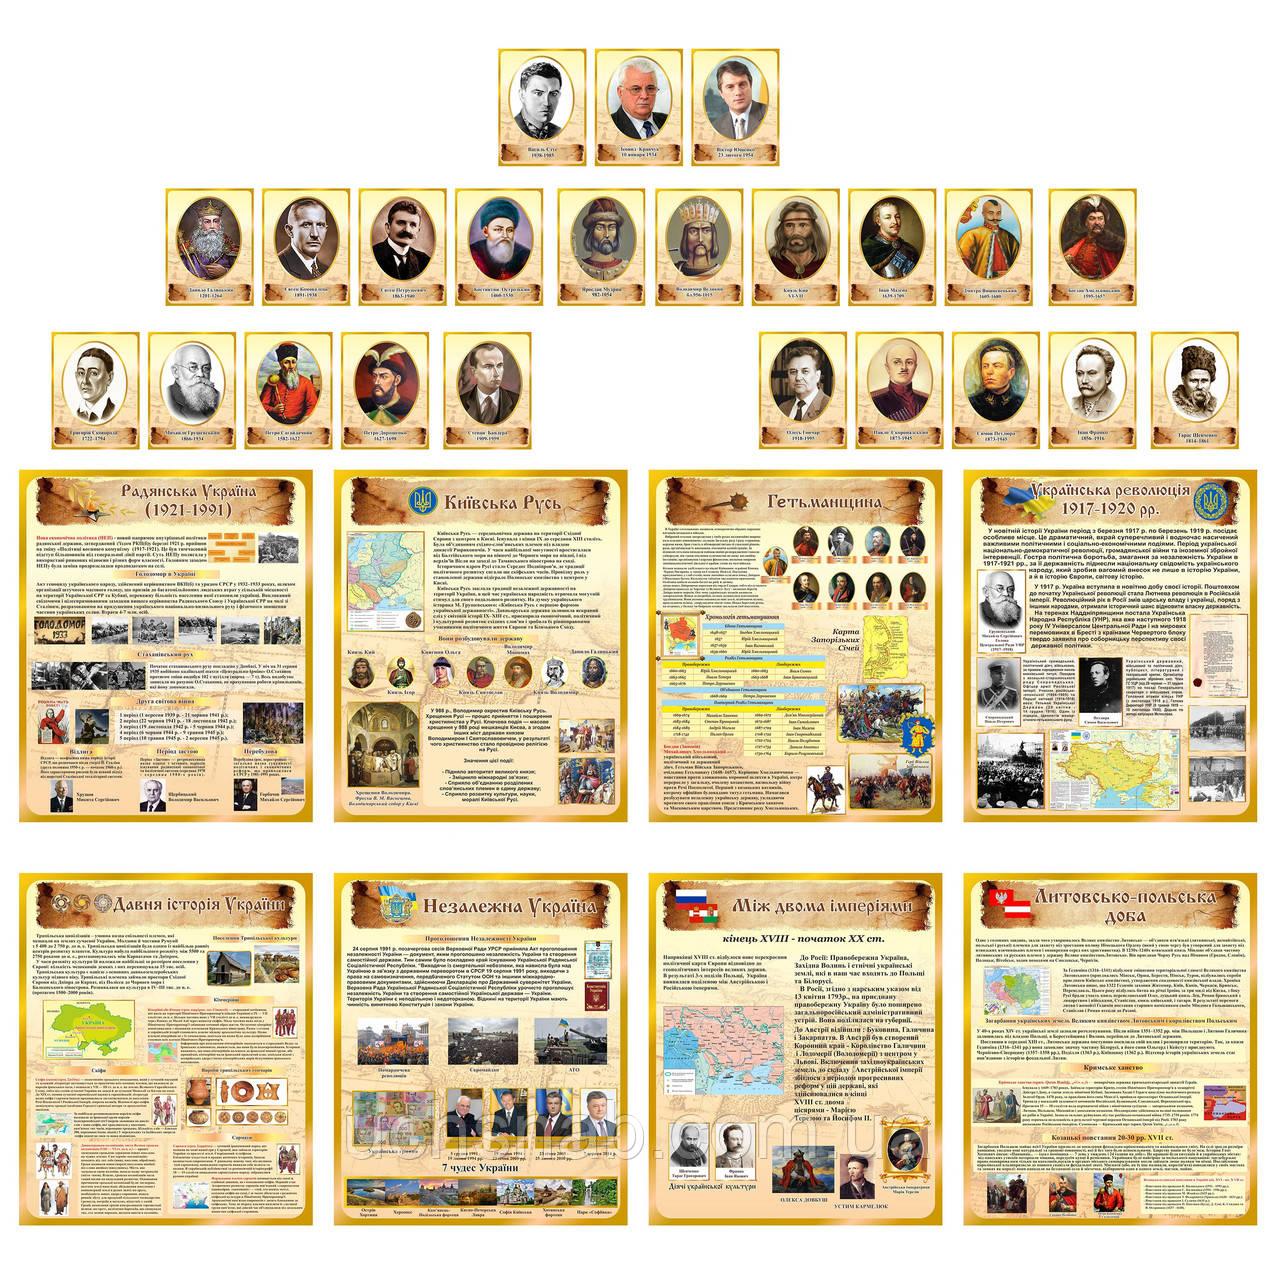 Унаочнення для кабінету історія та портрети історичних діячів